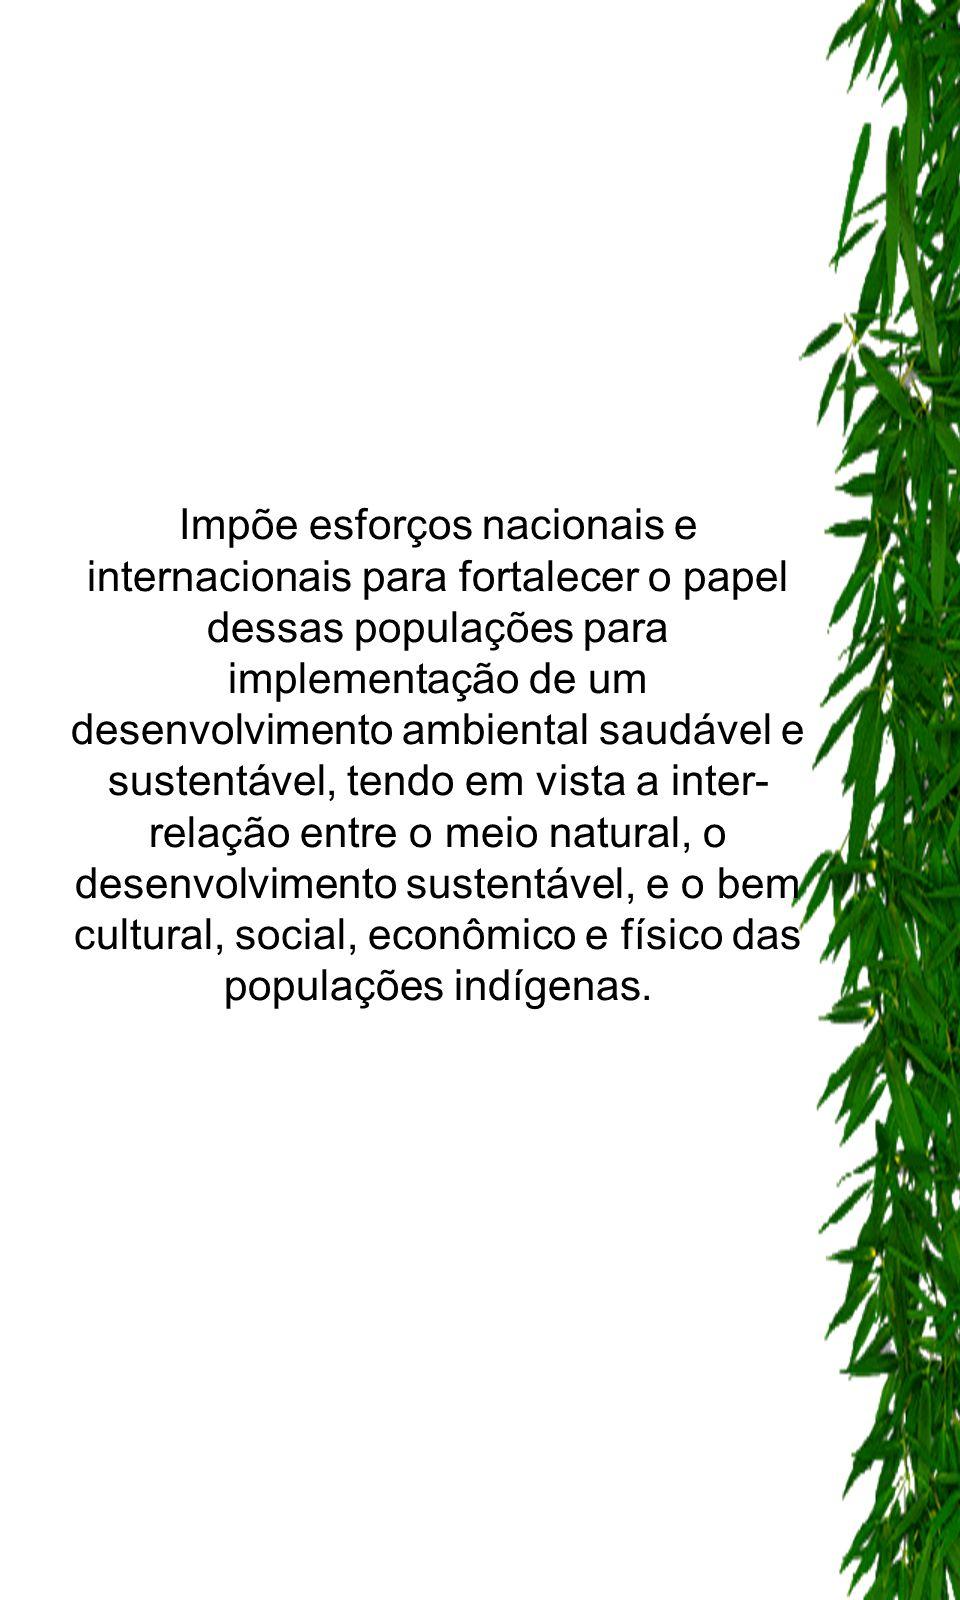 - Preconiza que as populações indígenas e suas comunidades devem desfrutar dos direitos humanos e das liberdades fundamentais em sua integralidade, sem impedimentos ou discriminações.